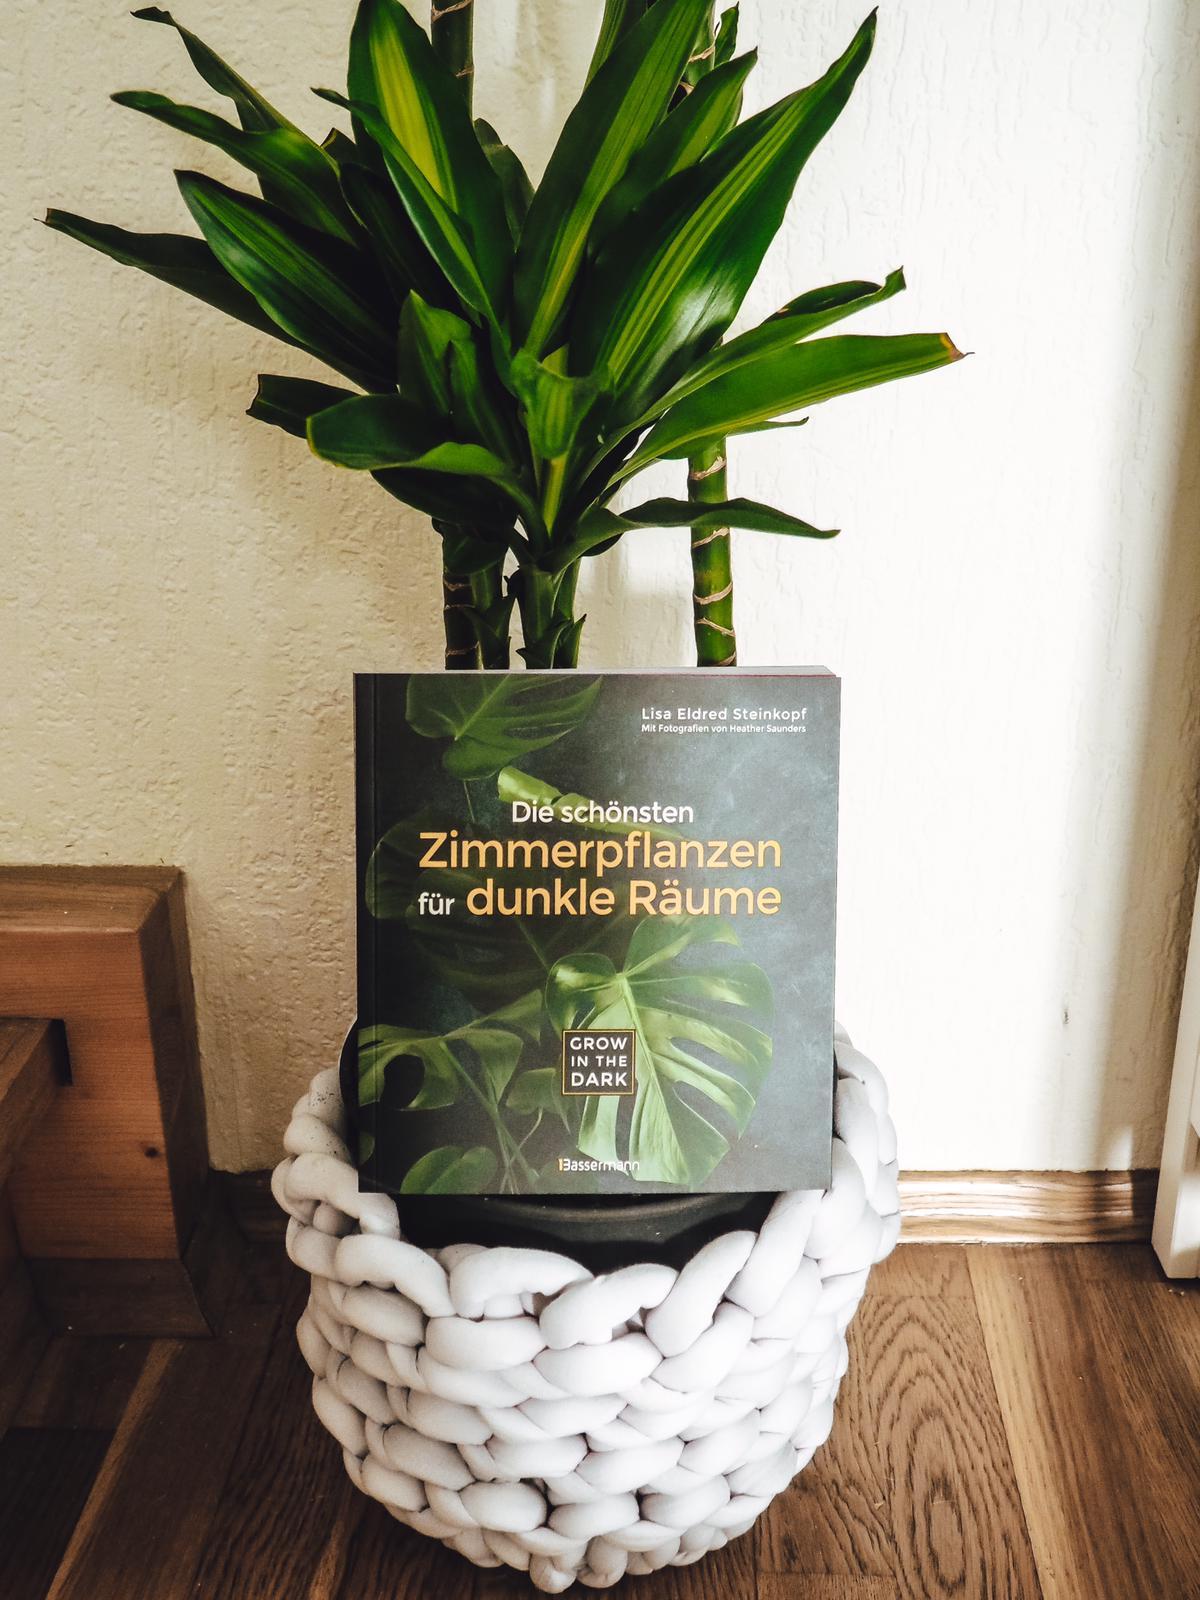 Buchtipps für Pflanzenfreunde- Die schönsten Zimmerpflanzen für dunkle Räume